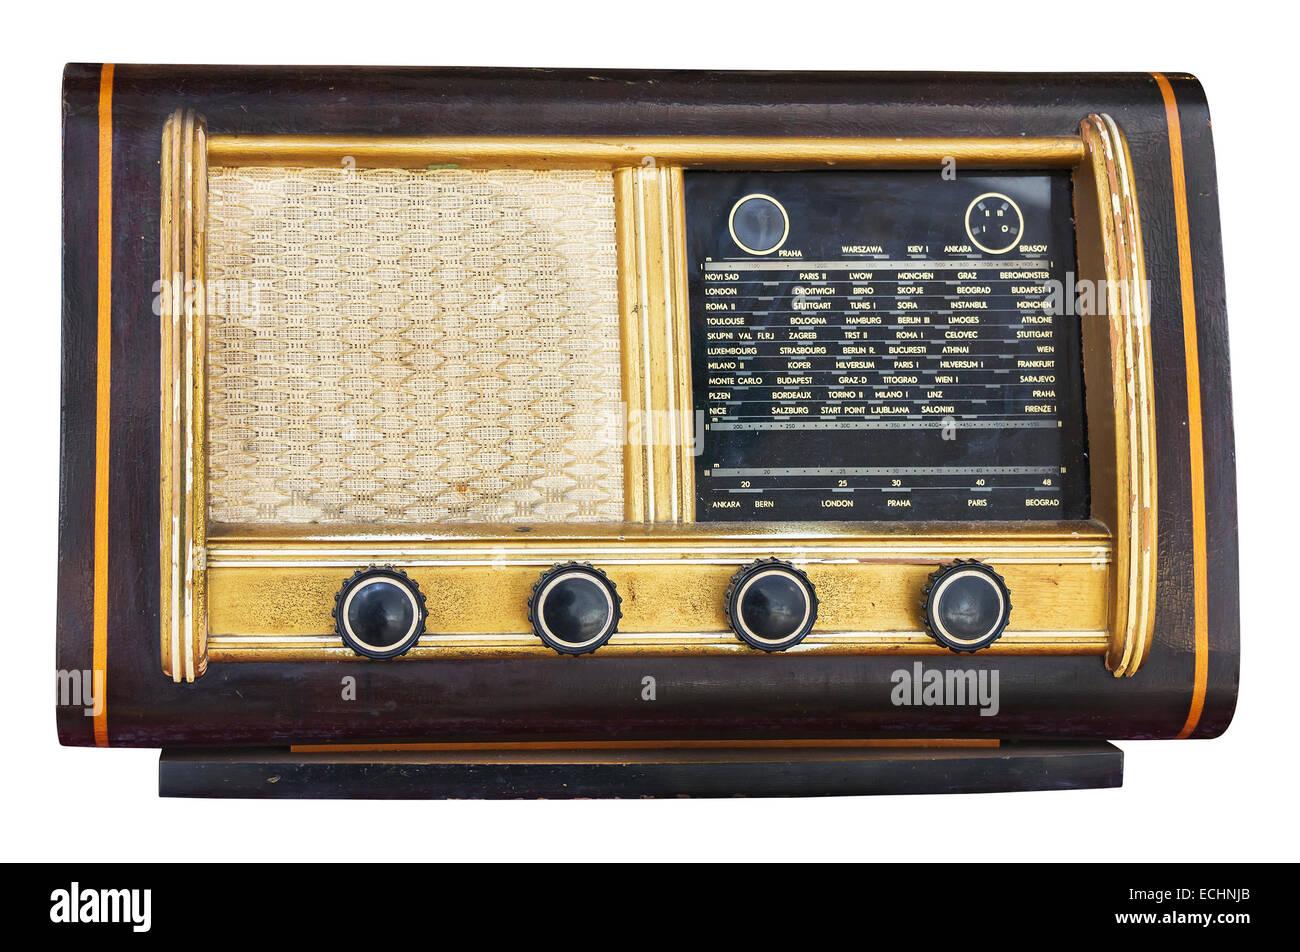 Old Vintage fashioned radio isolated on white background - Stock Image